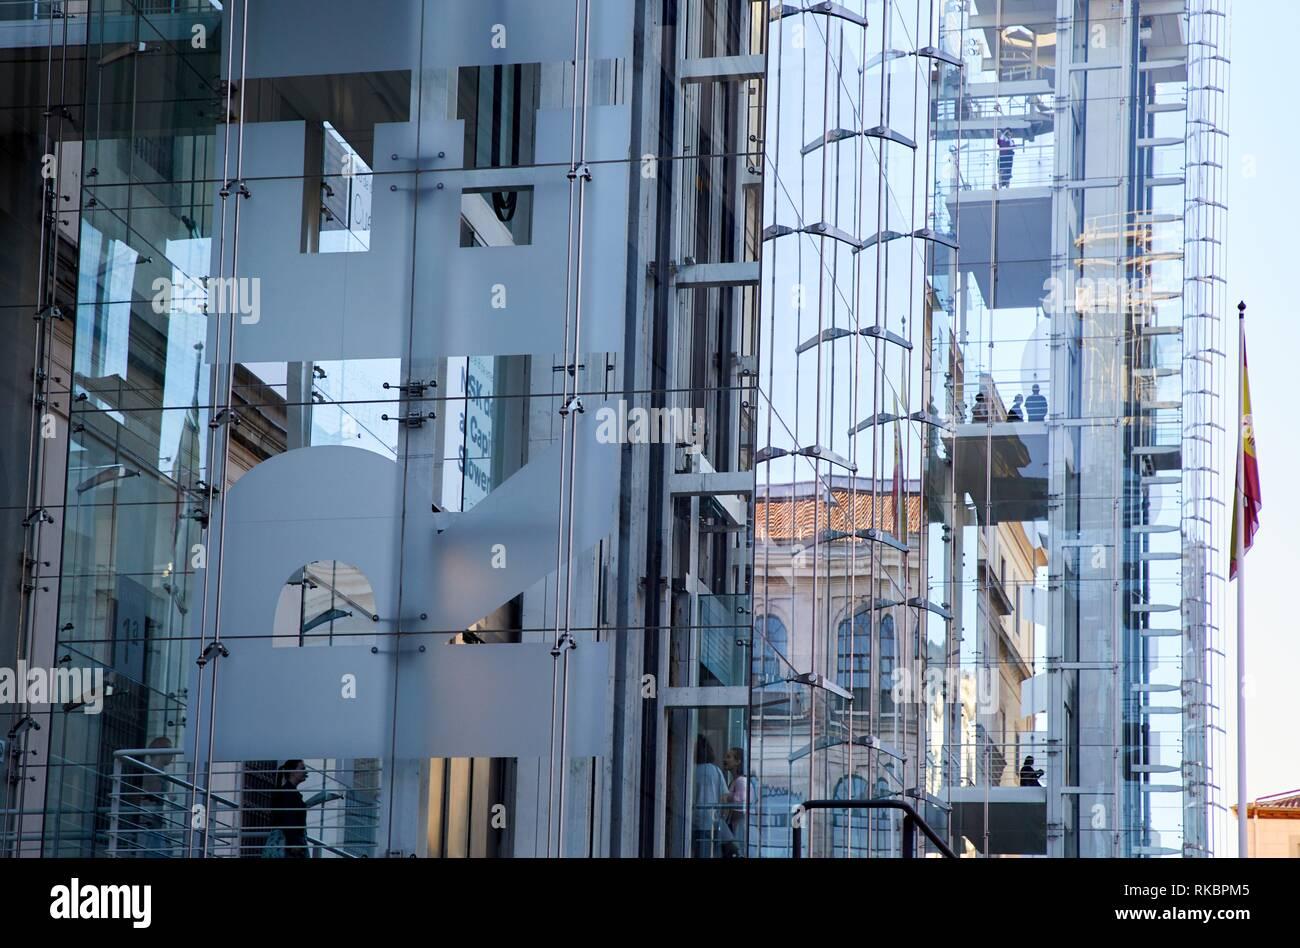 Museo Nacional Centro de Arte Reina Sofia, Madrid, Spain, Europe - Stock Image